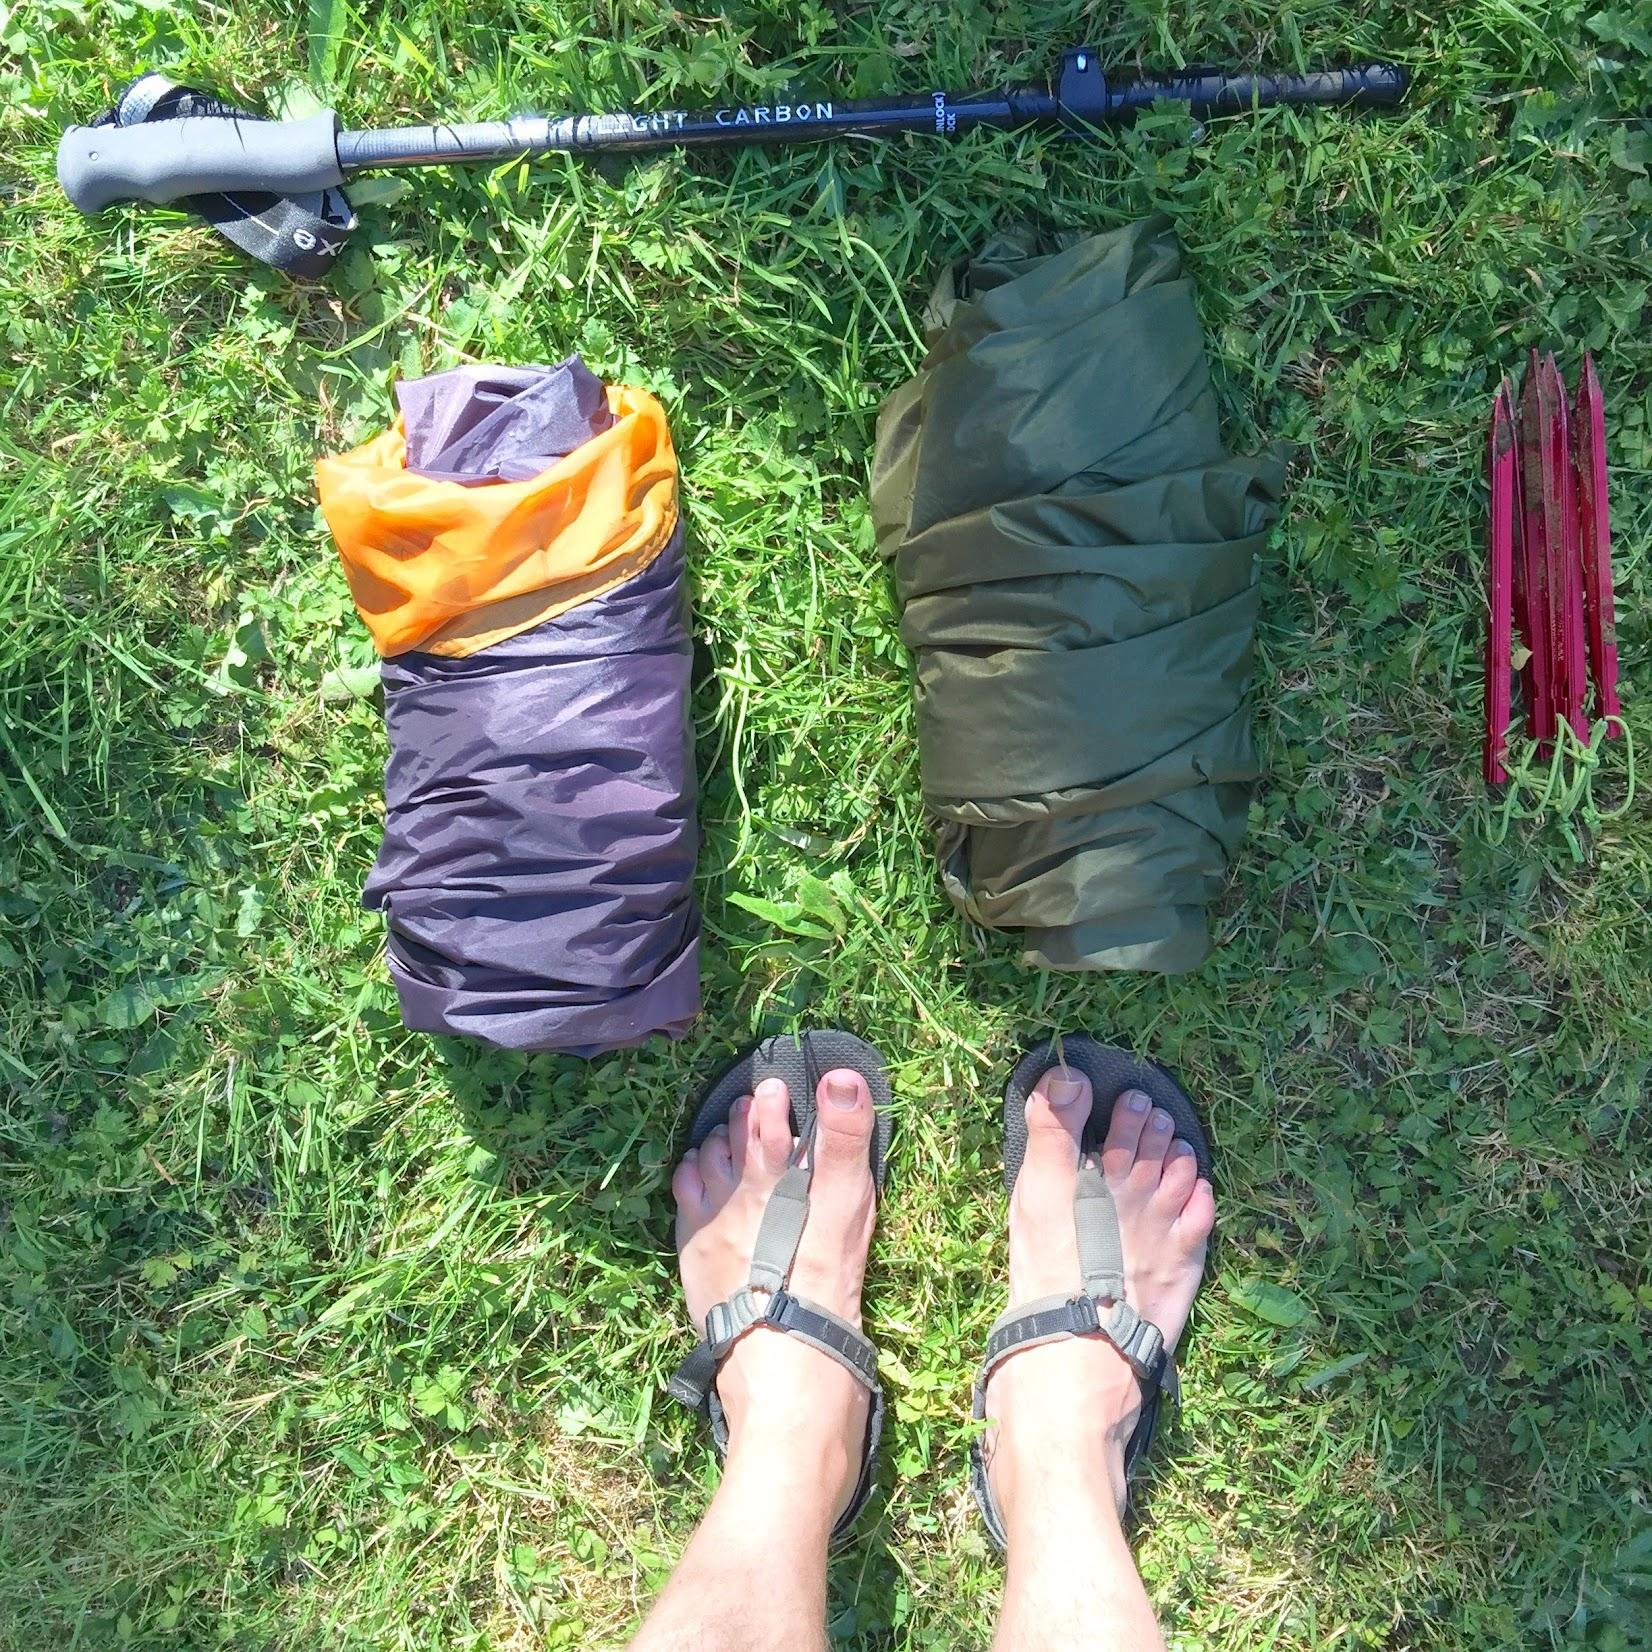 Hexpeak Teepee Tent System